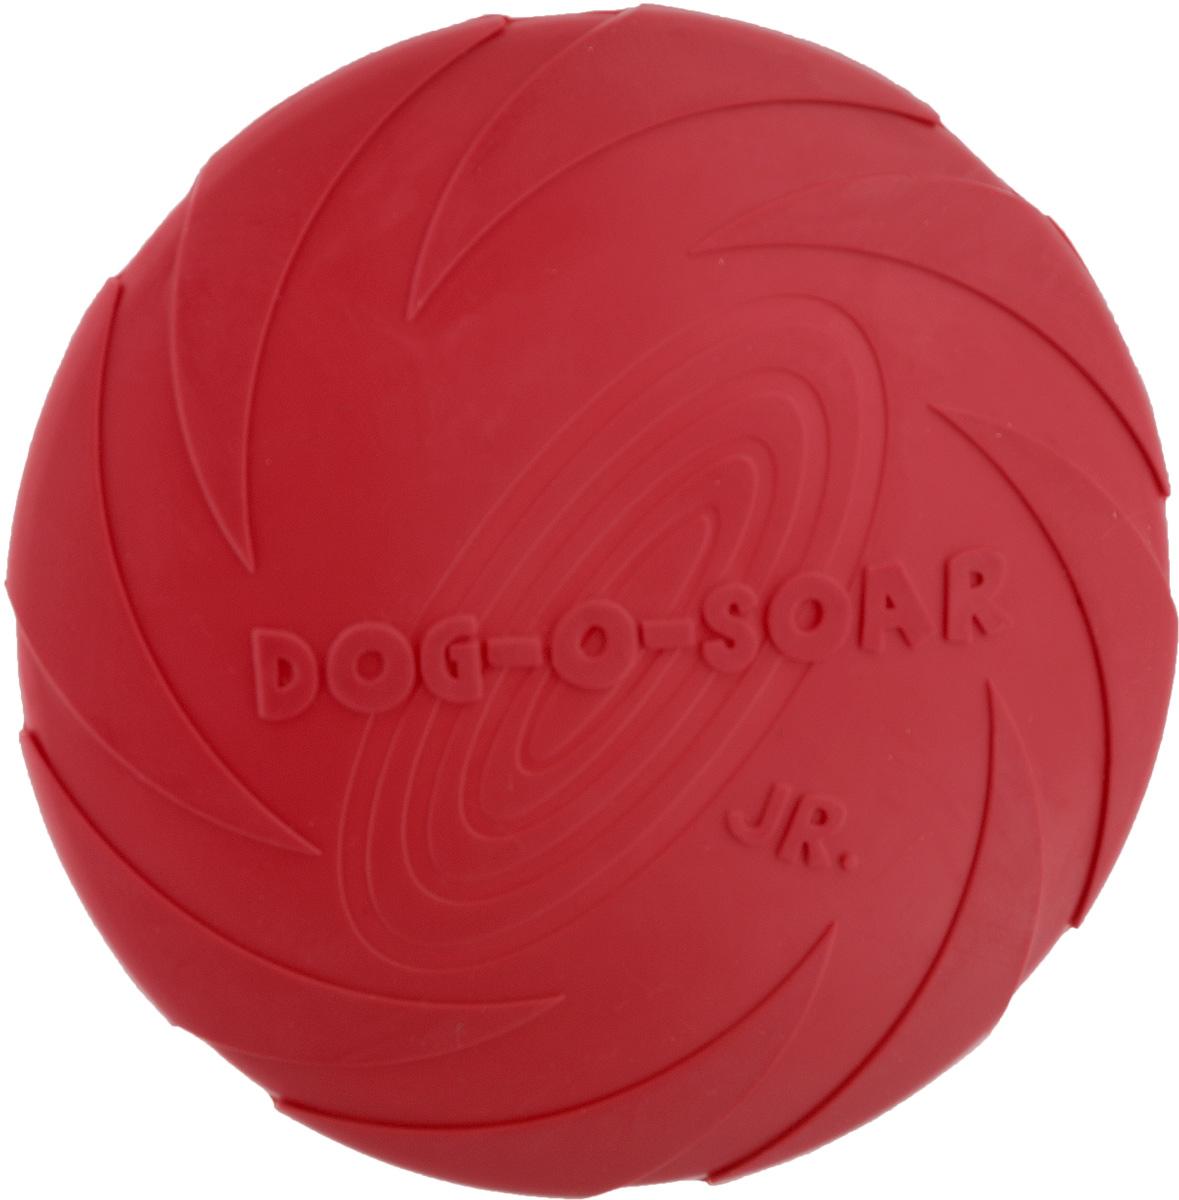 Игрушка для собак I.P.T.S. Фрисби, цвет: красный, диаметр 18 см625704_красныйИгрушка I.P.T.S. Фрисби, выполненная из резины, отлично подойдет для совместных игр хозяина и собаки. В отличие от пластиковых, такая игрушка не образует острых зазубрин и трещин, способных повредить десны питомца. Совместные игры укрепляют взаимоотношение и понимание. Диаметр: 18 см.